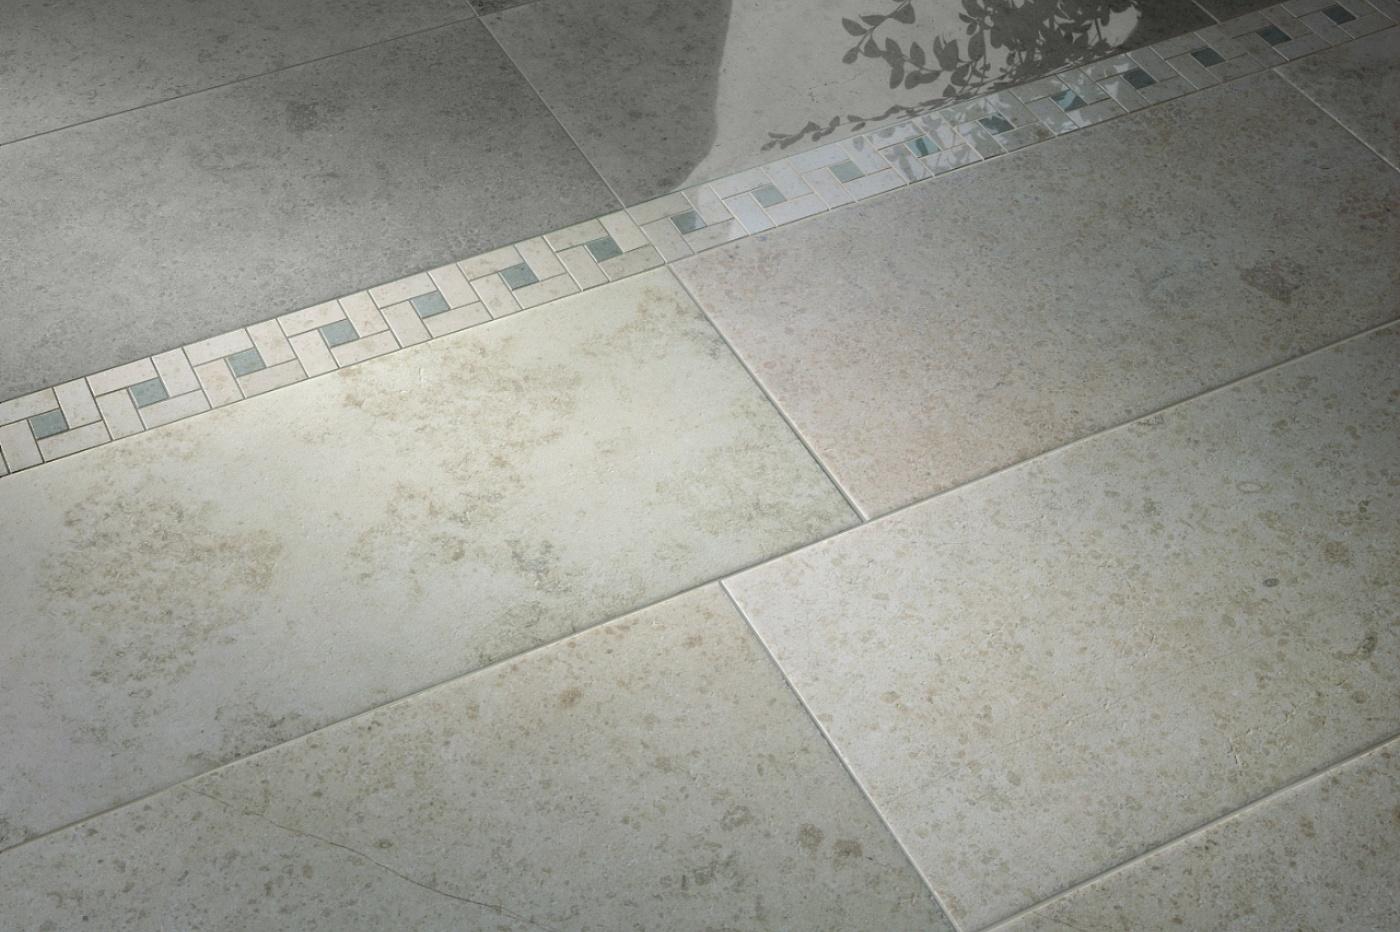 Serenissima cir industrie ceramiche spa jura - Posa piastrelle mosaico ...